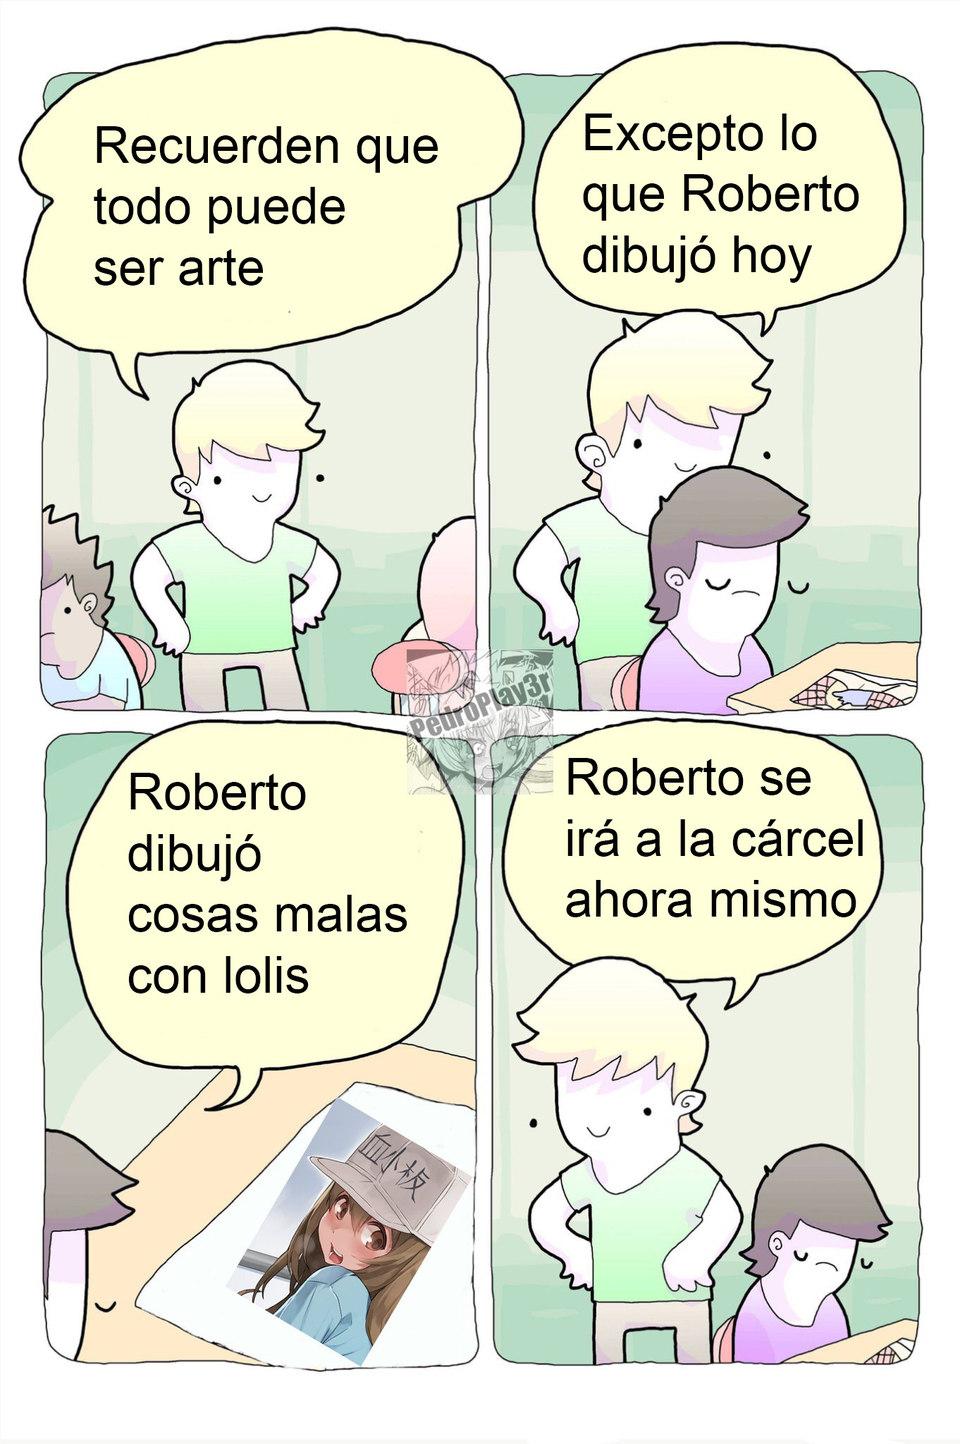 Roberto se irá a la cárcel - meme